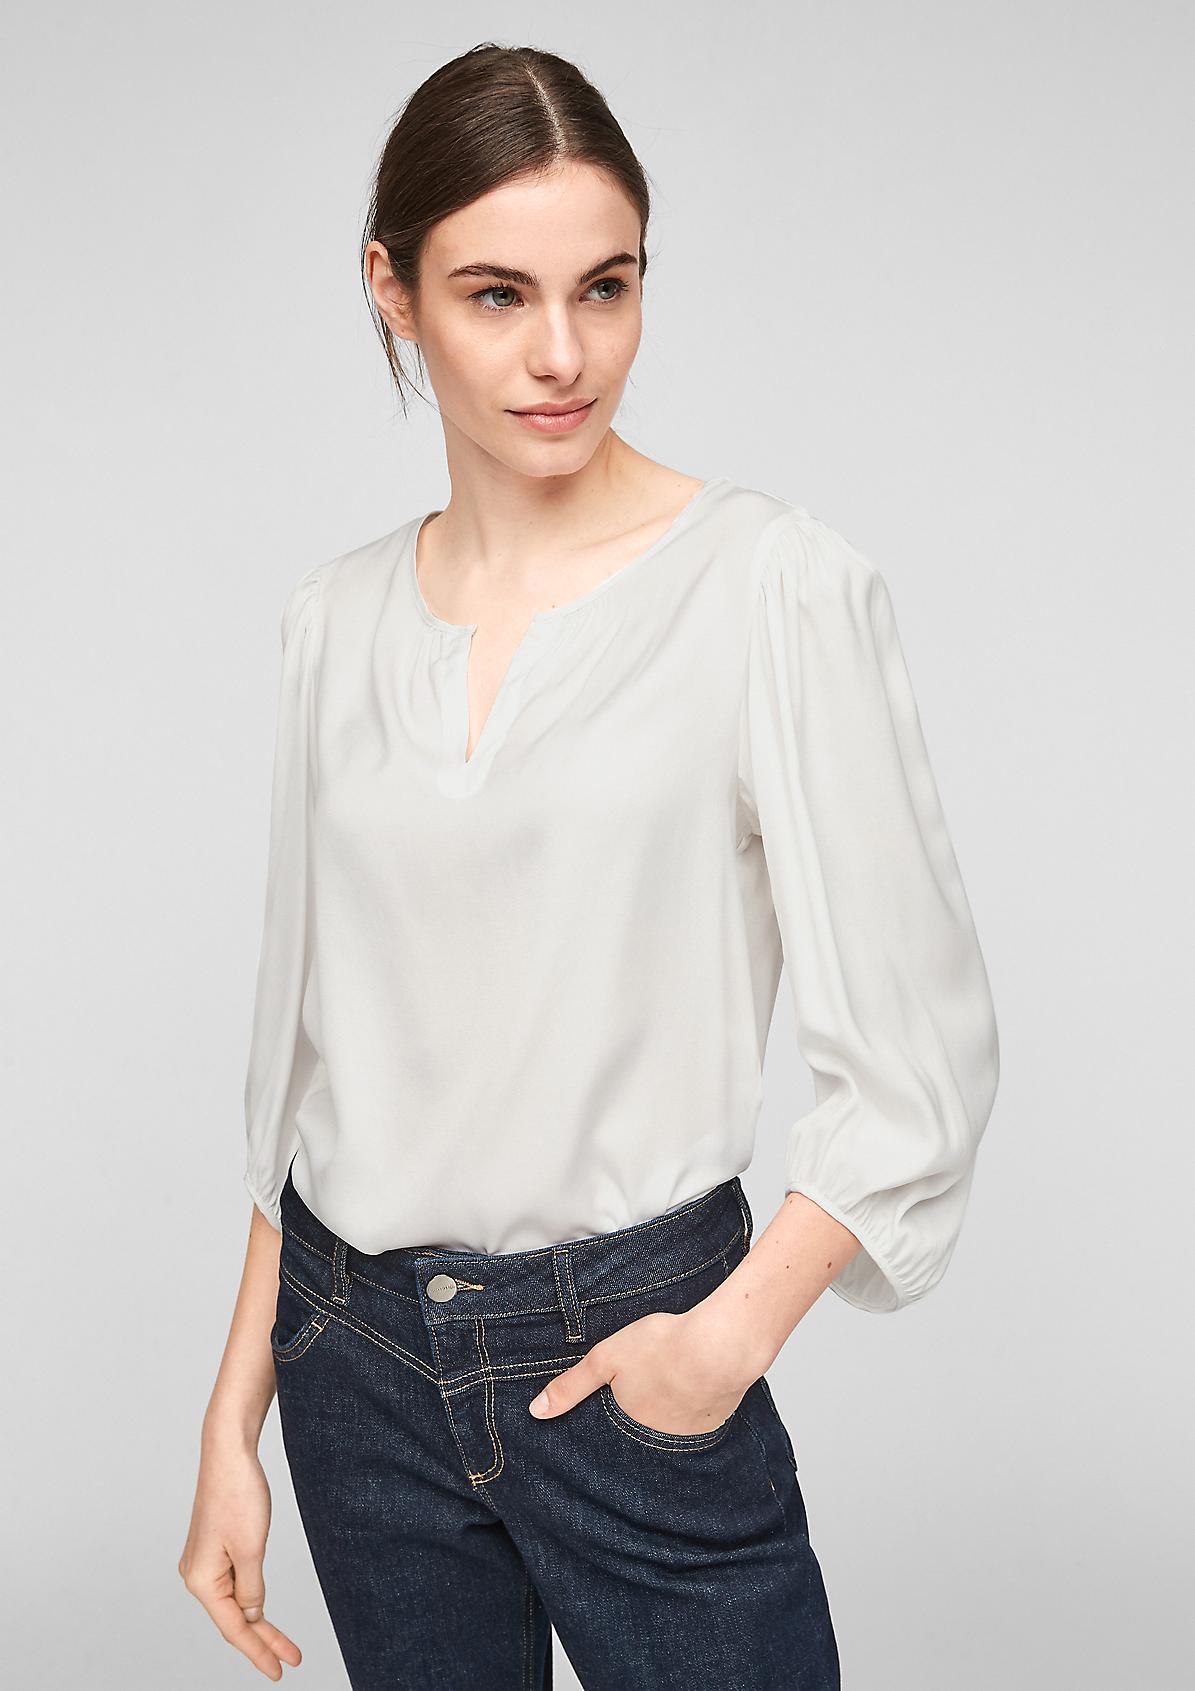 Bluse aus fließender Qualität